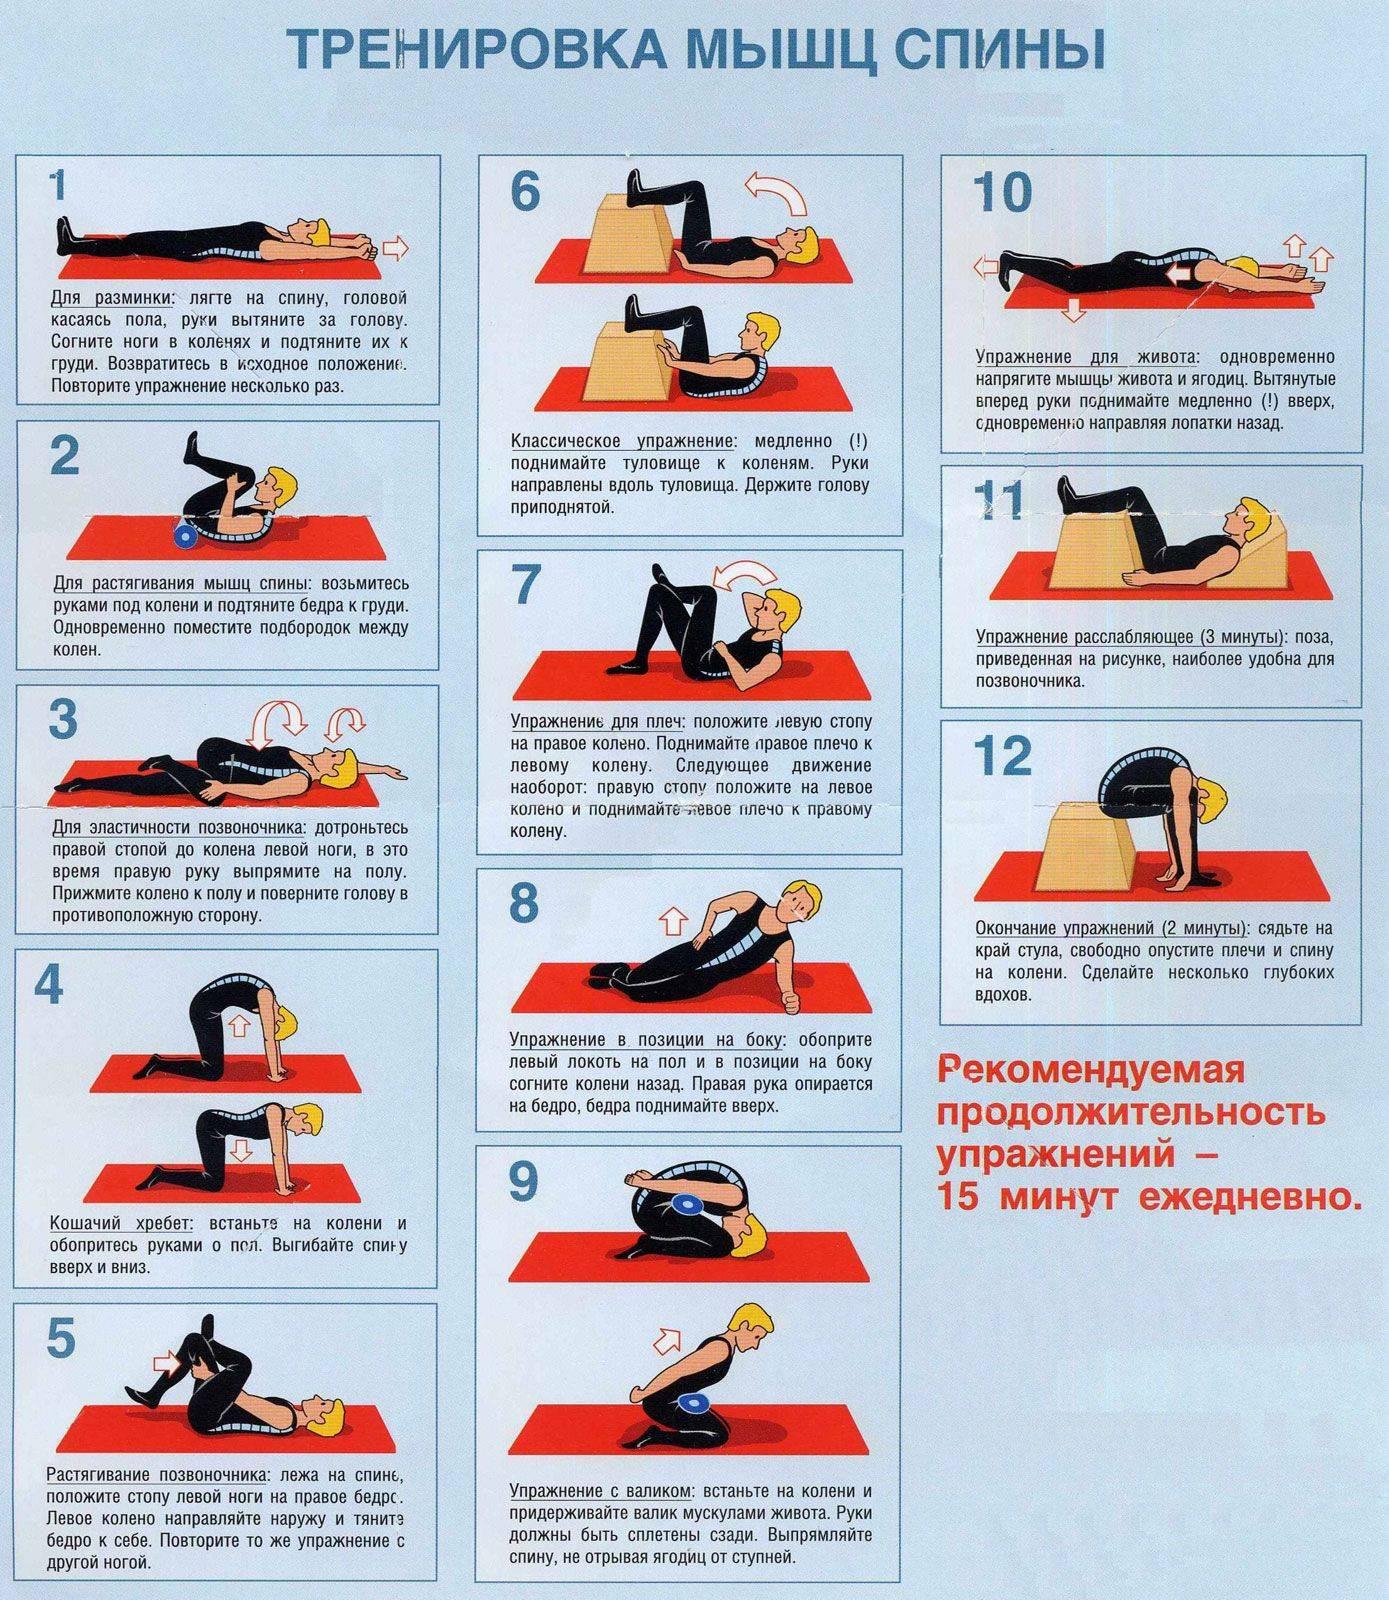 Зарядка для мышц спины и позвоночника: преимущества, разминка, растяжка, упражнения при различных заболеваниях